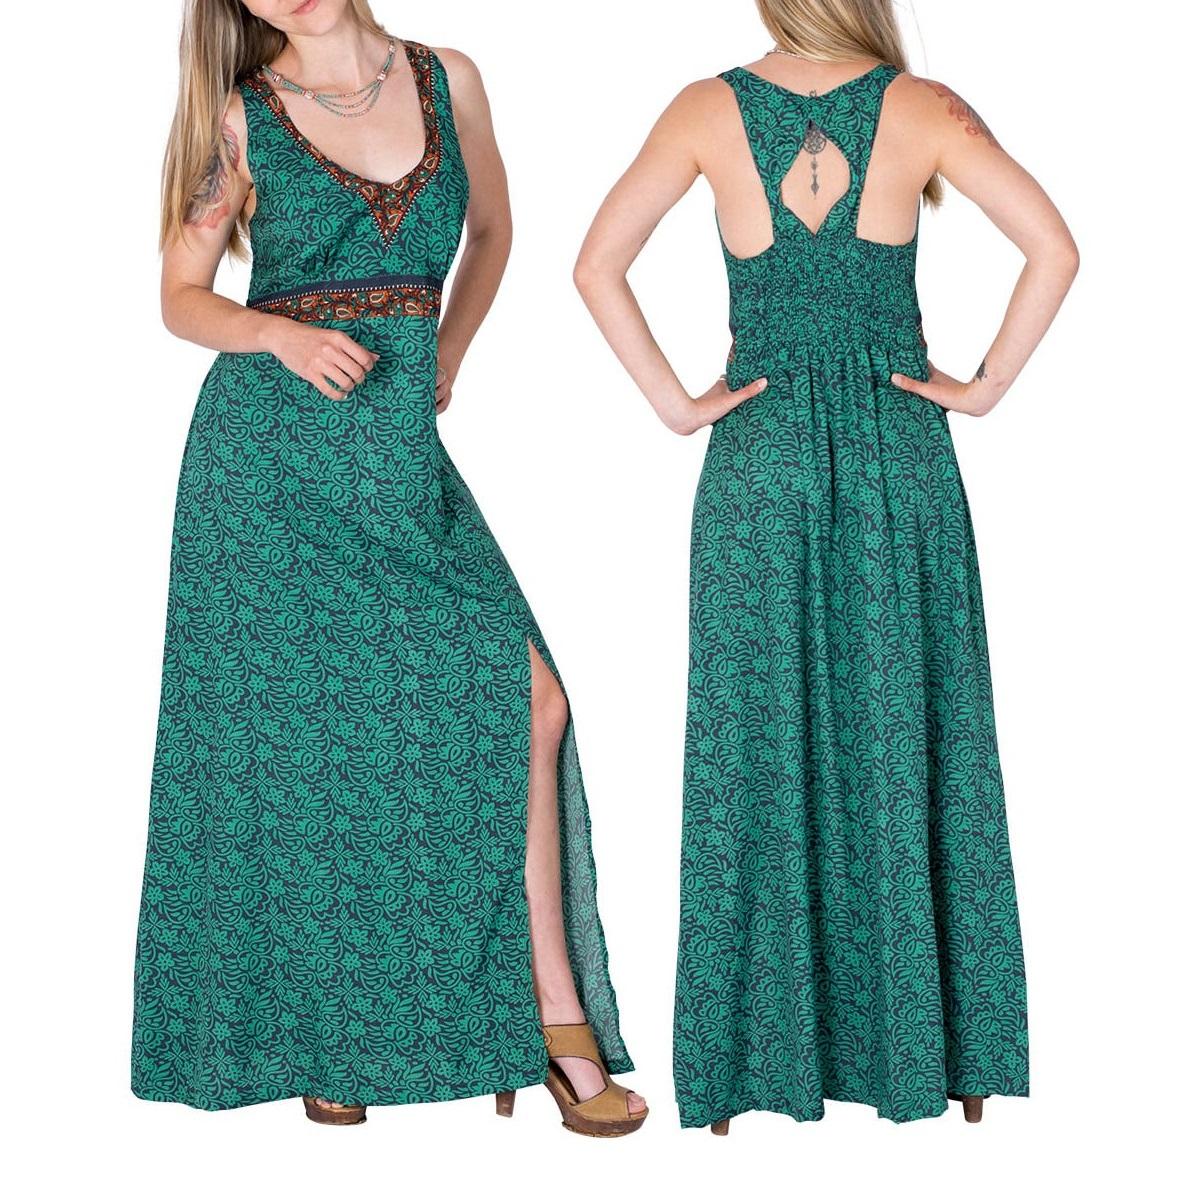 Originale Robe en soie | Vente en ligne de vêtements d'été